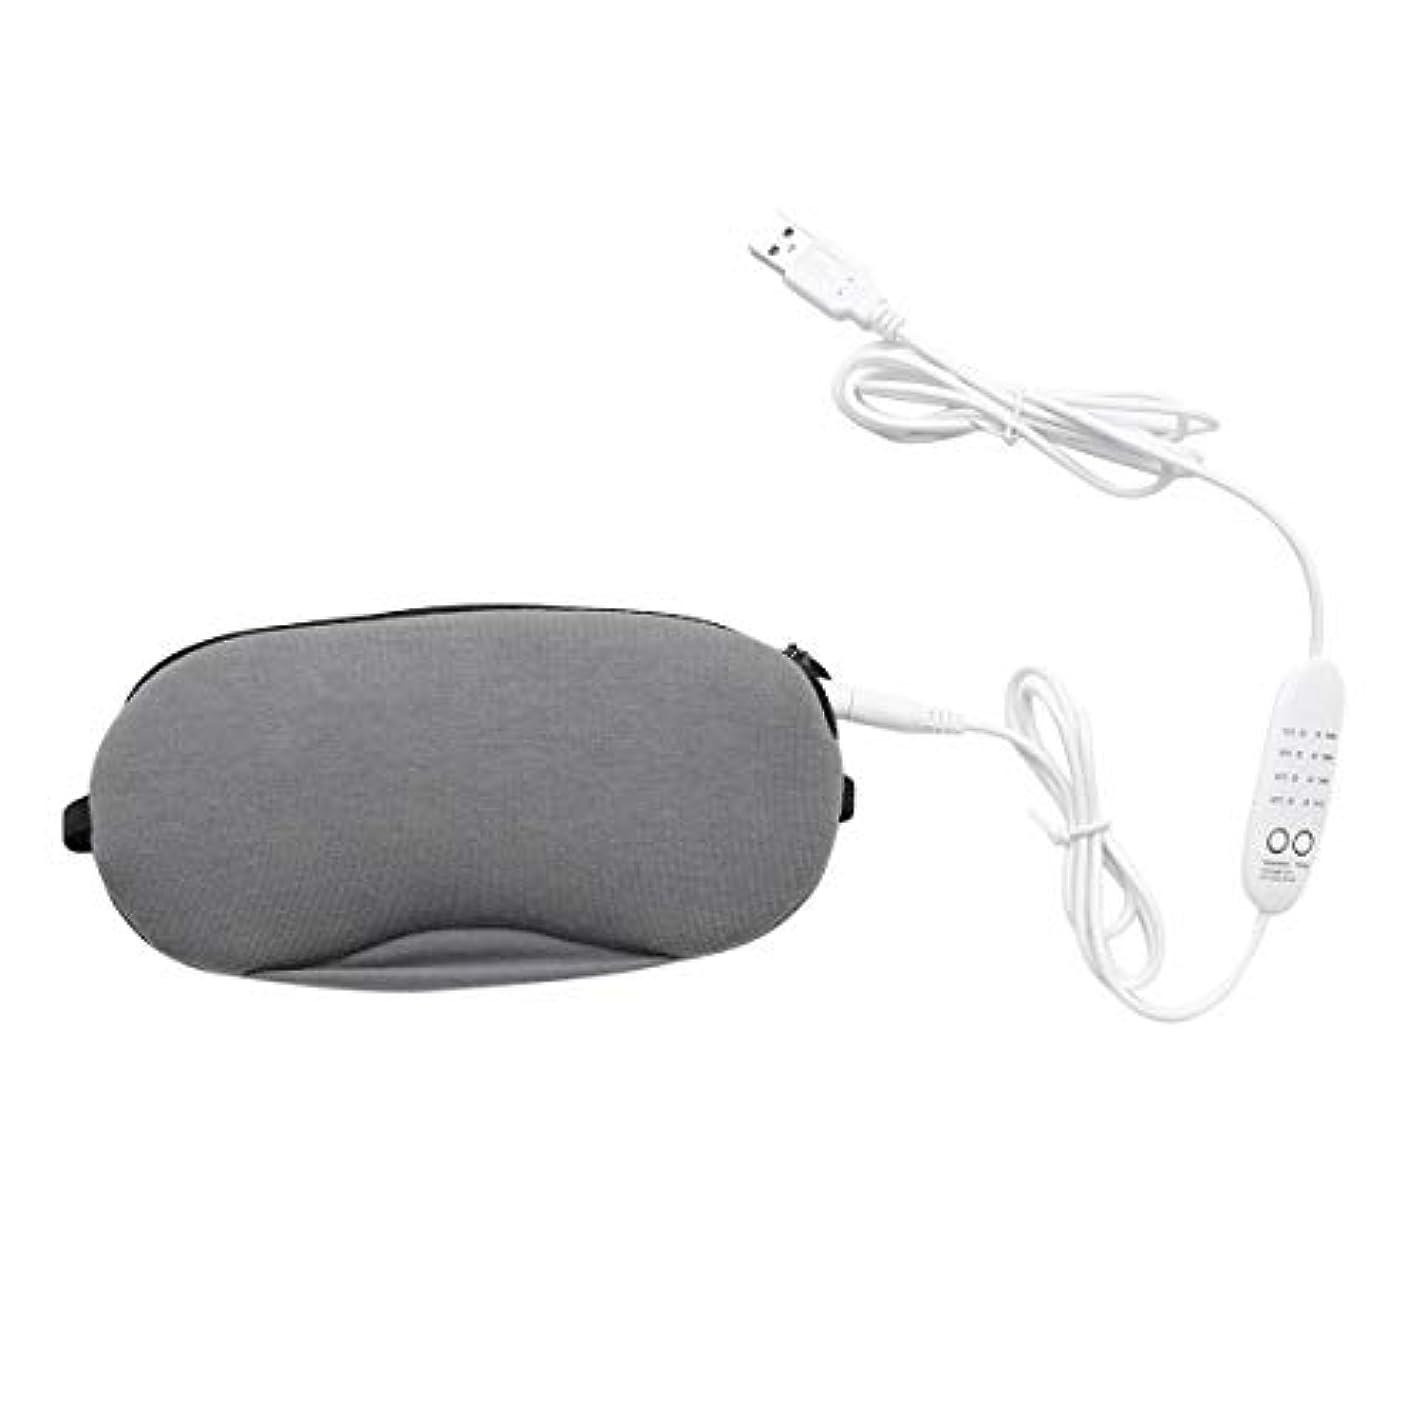 配置無駄な自分不眠症を和らげるためのHealifty USBスチームアイマスク目隠しホットコンプレッションアイシールドドライアイ疲労(グレー)